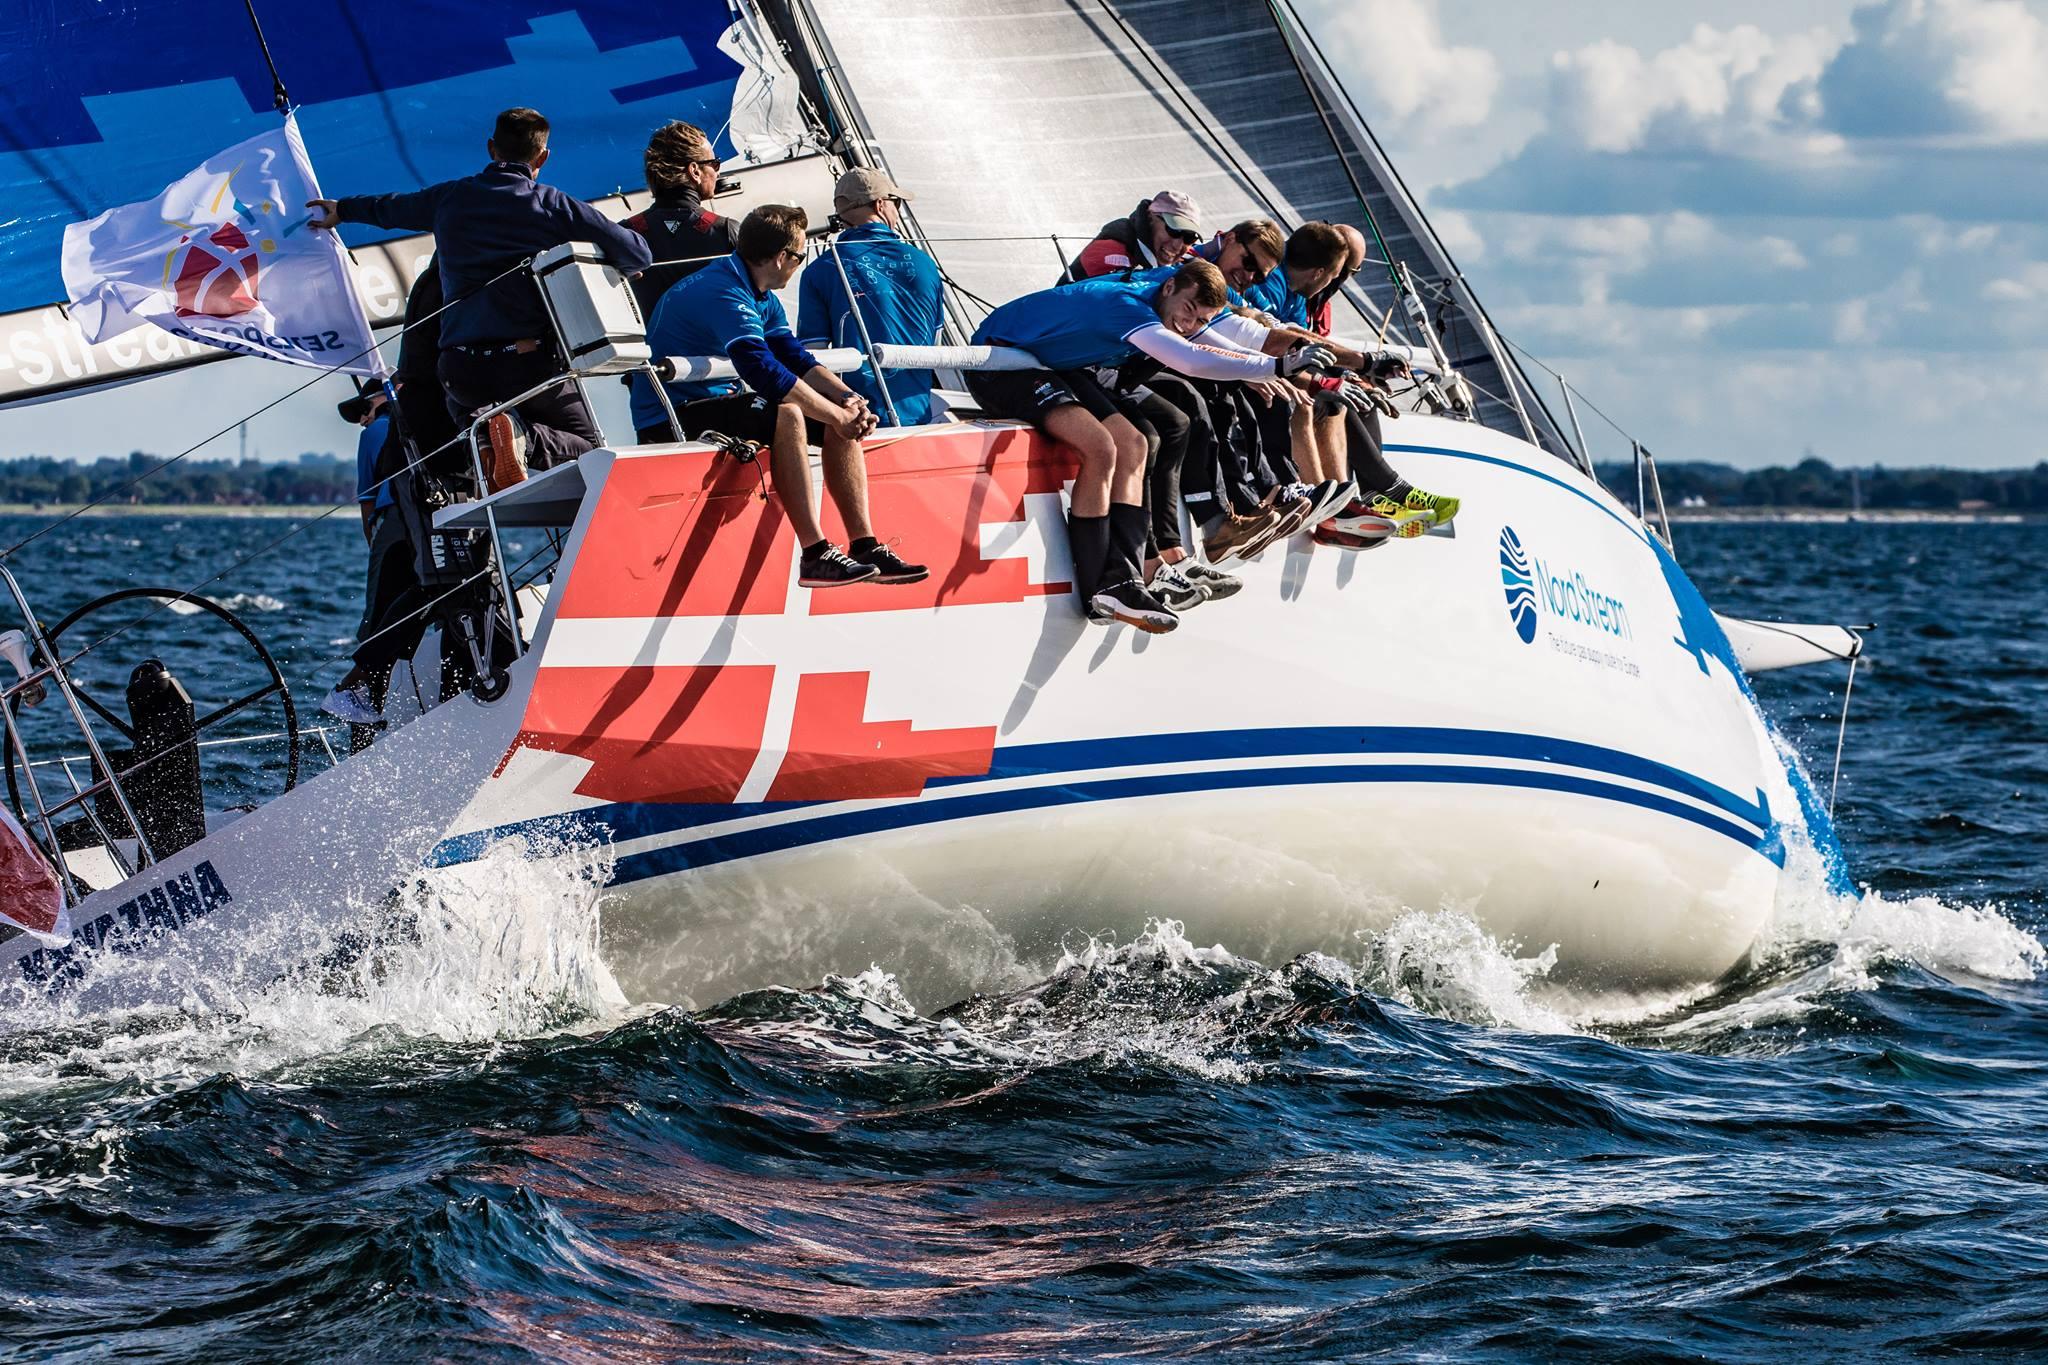 Sidste års ligavindere fra Frederikshavn er blevet udfordret i Club Swan 50'eren, der byder på noget anderledes sejlads end J/70'eren, som teamet normalt sejler i. PR-foto